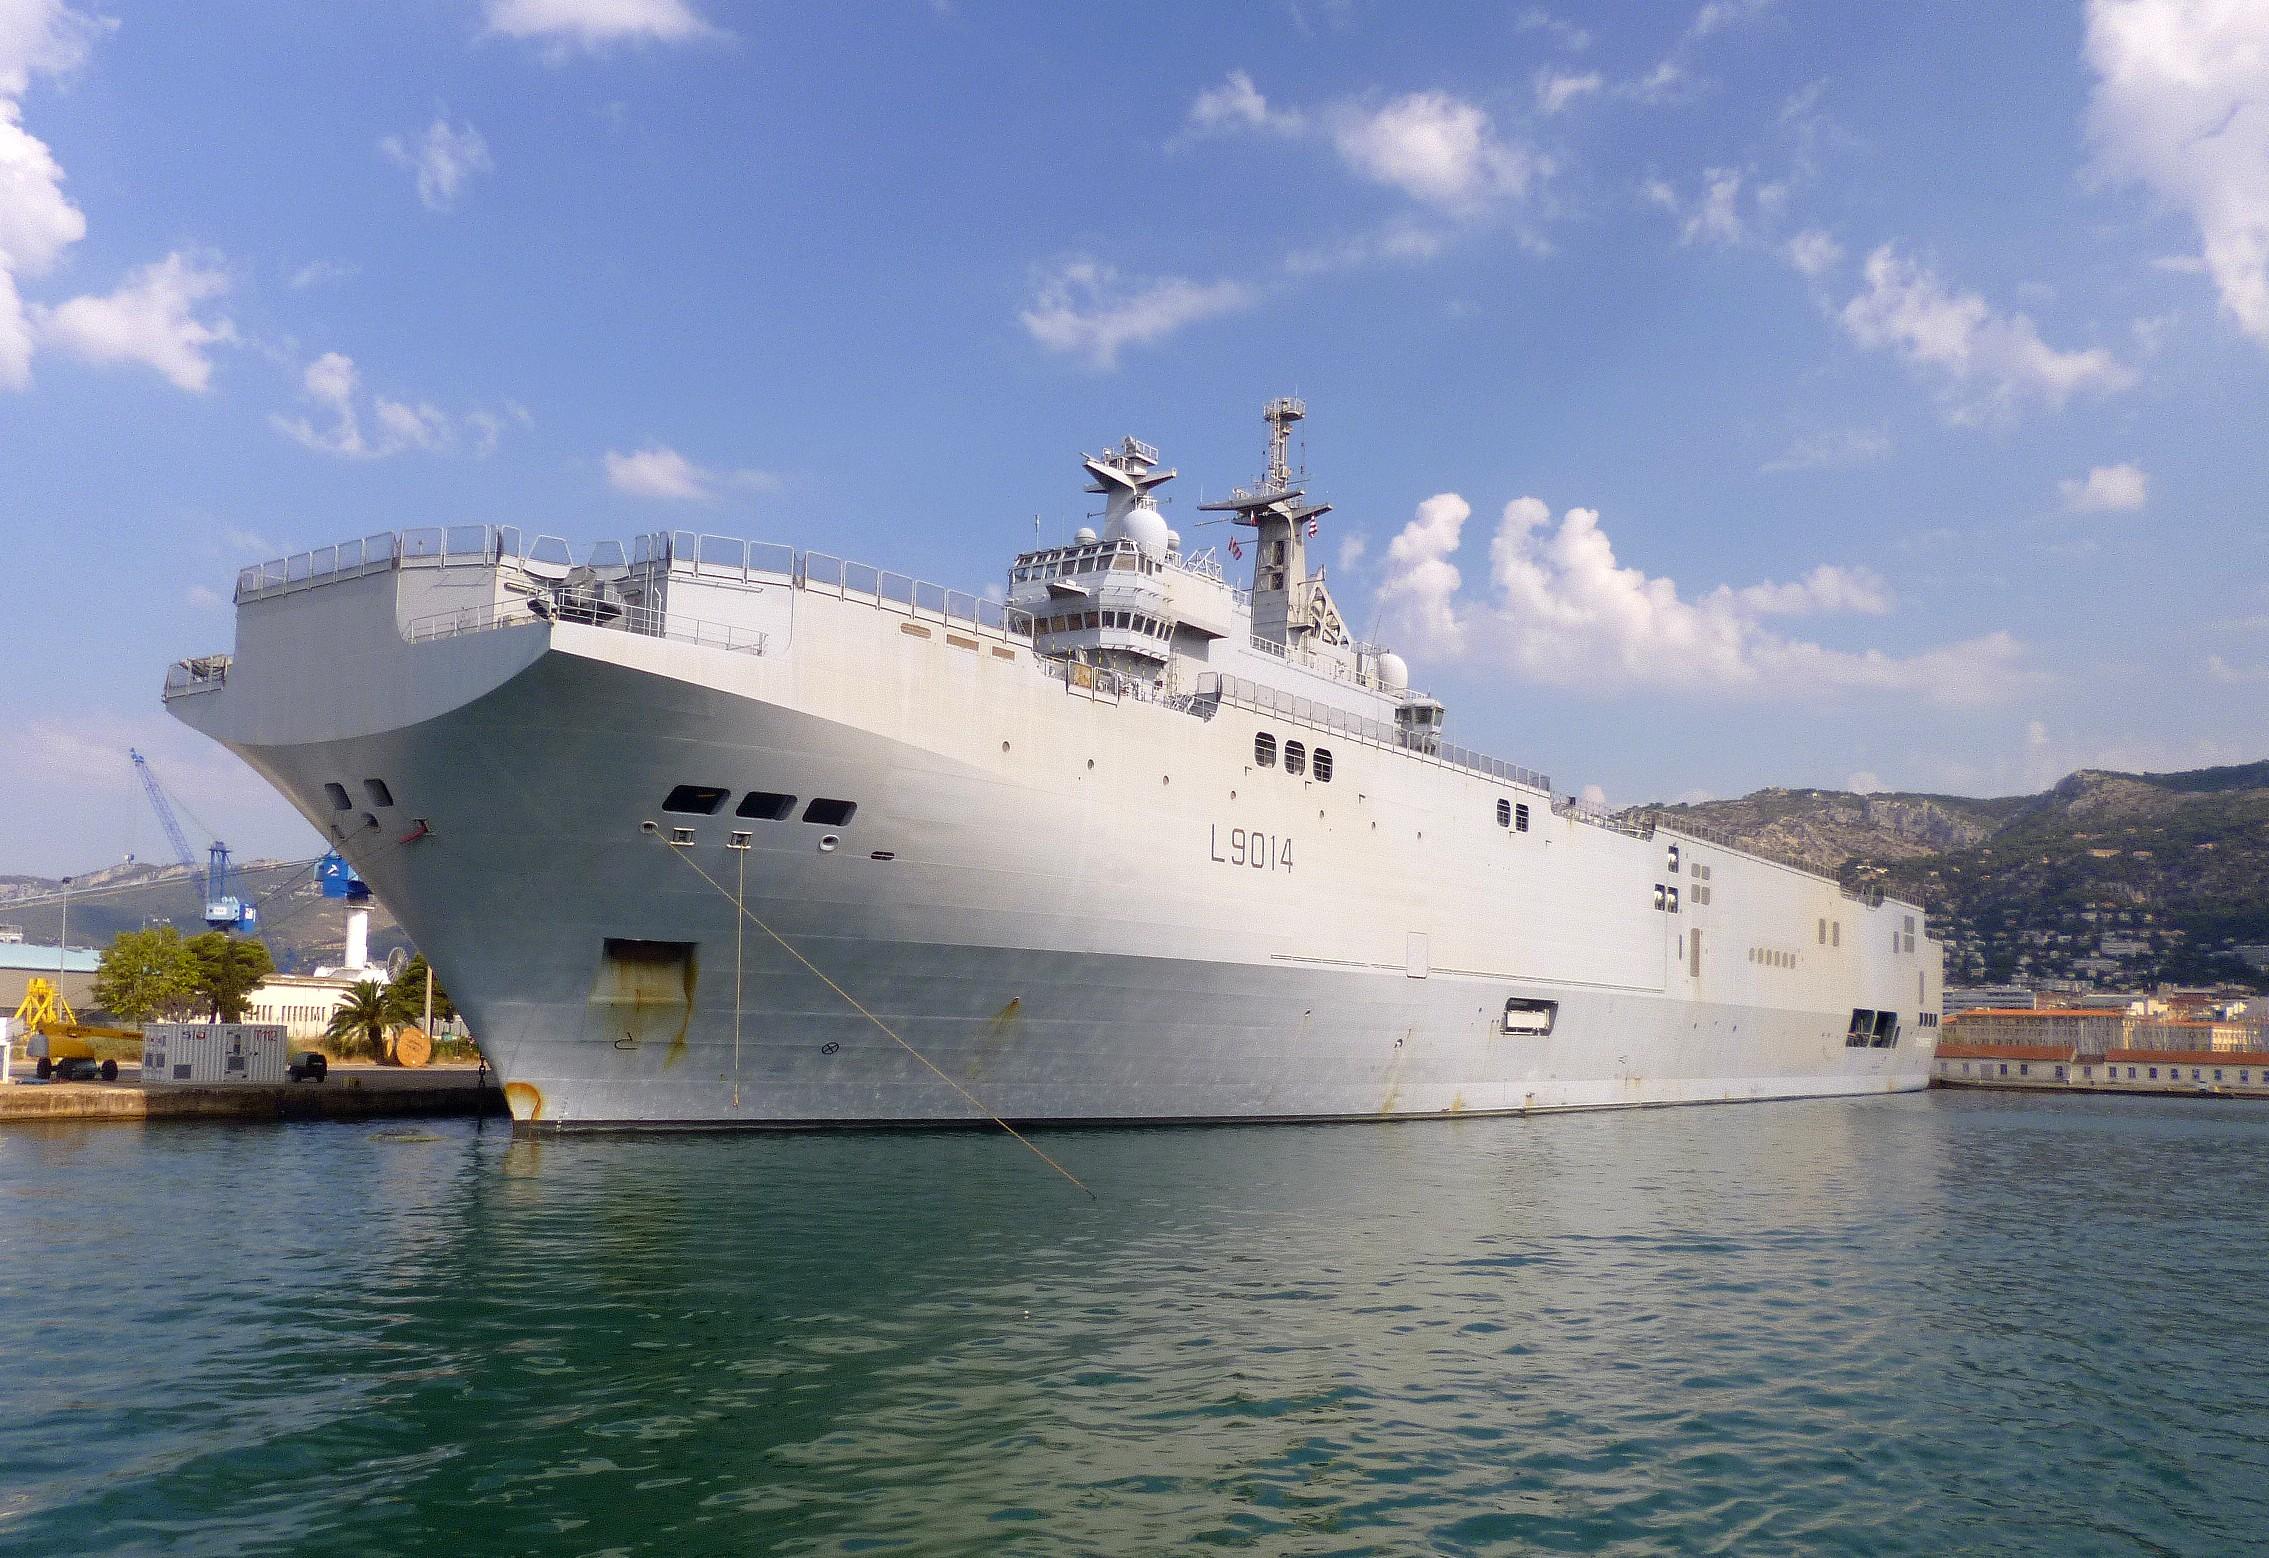 Les news en images du port de TOULON - Page 36 9562297459_751197dcc7_o